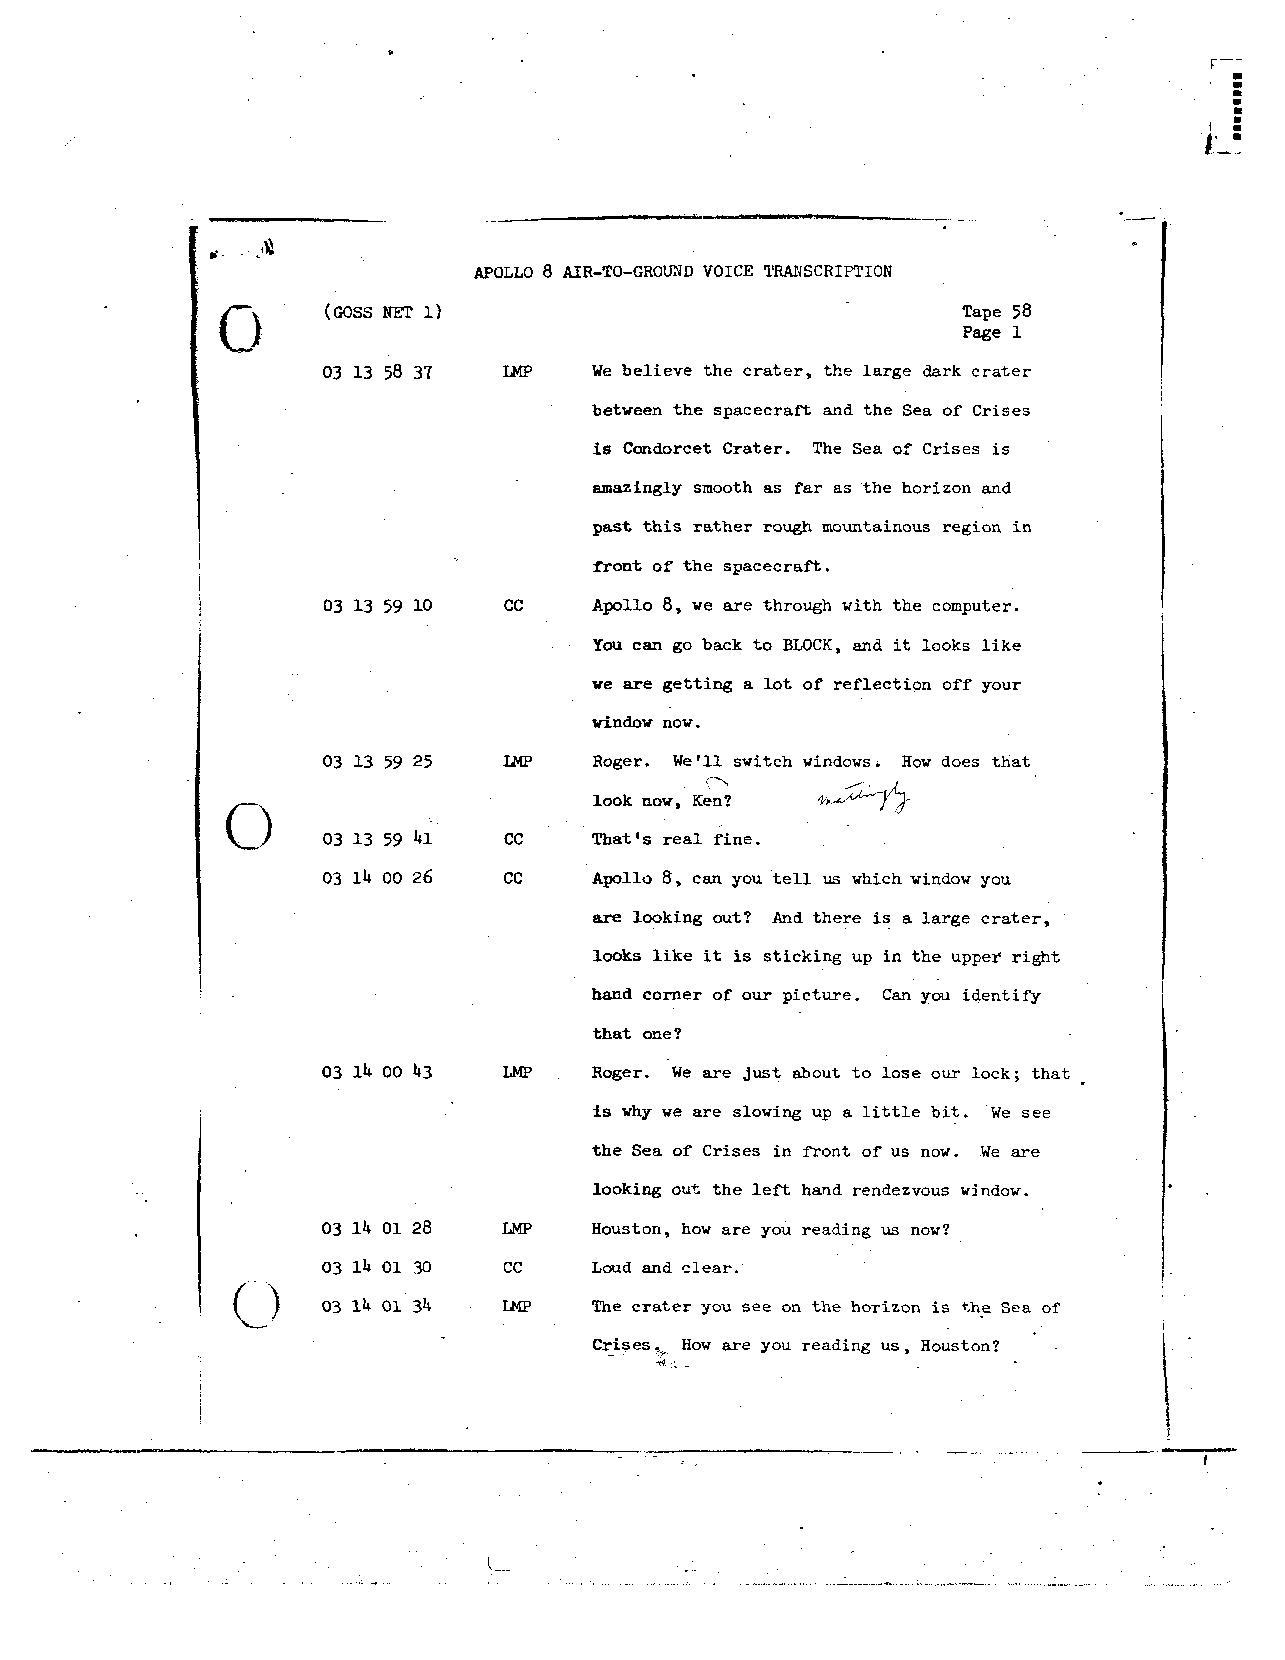 Page 460 of Apollo 8's original transcript